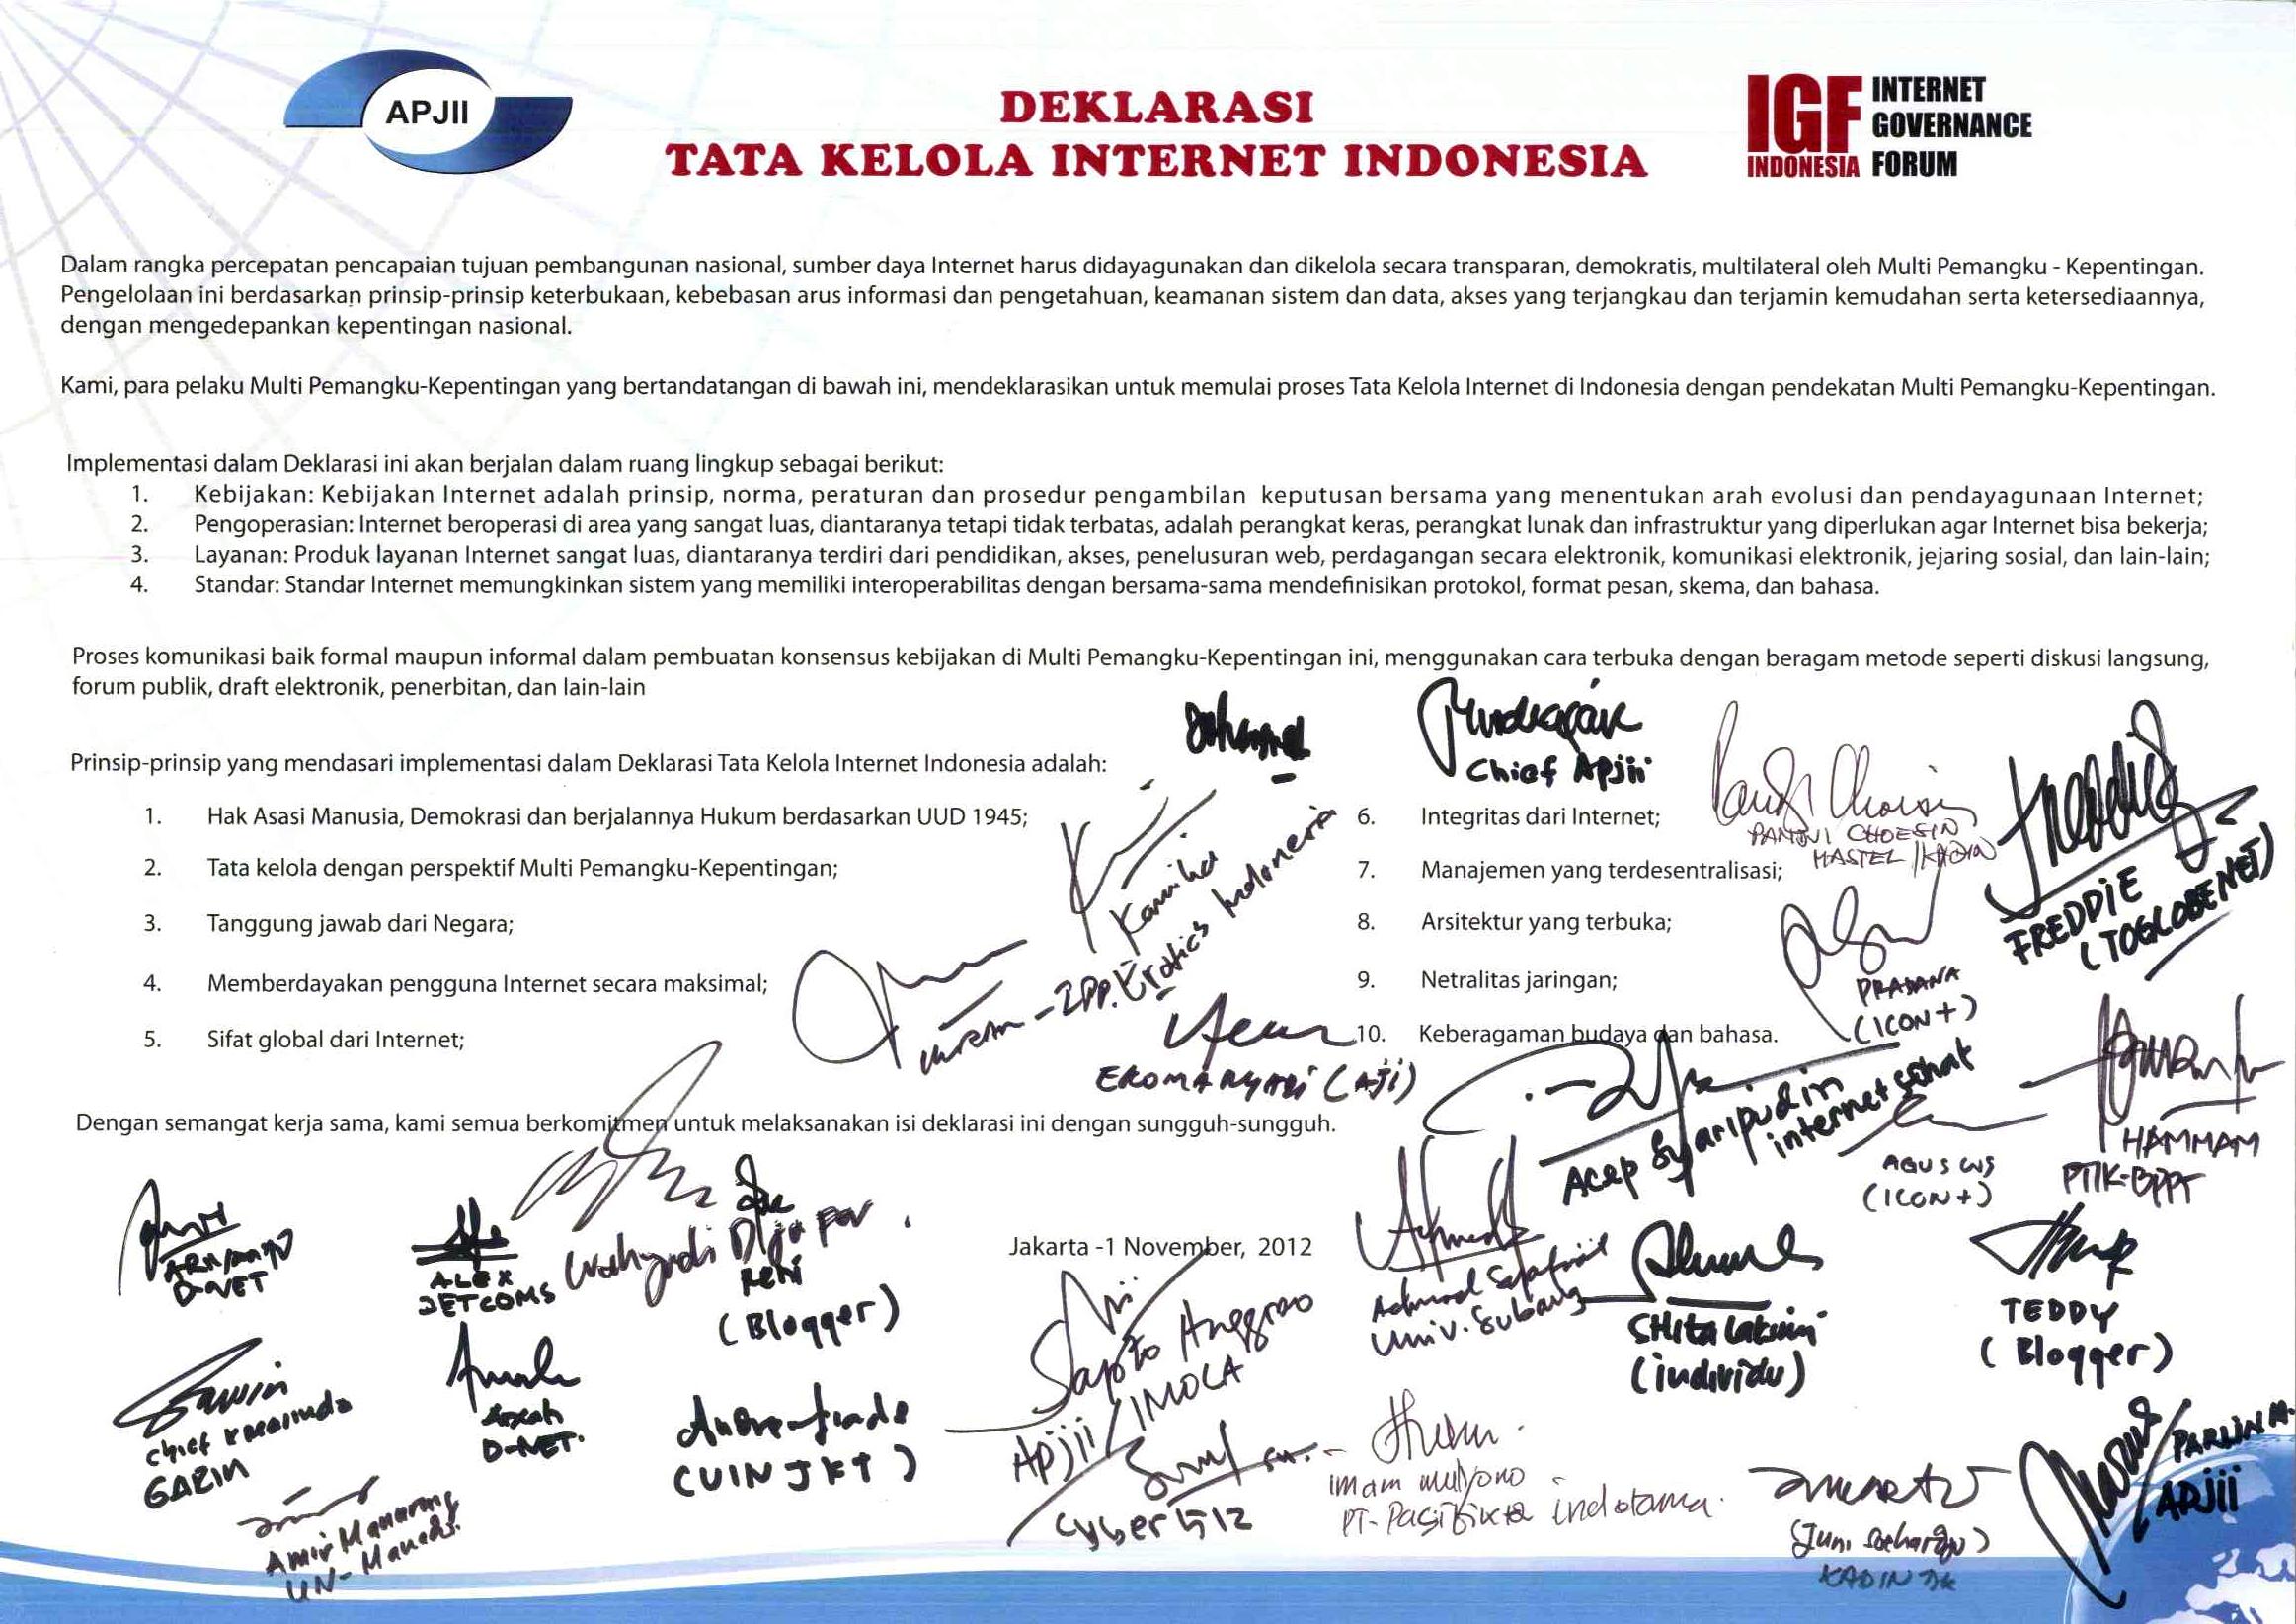 Deklarasi ID-IGF 2